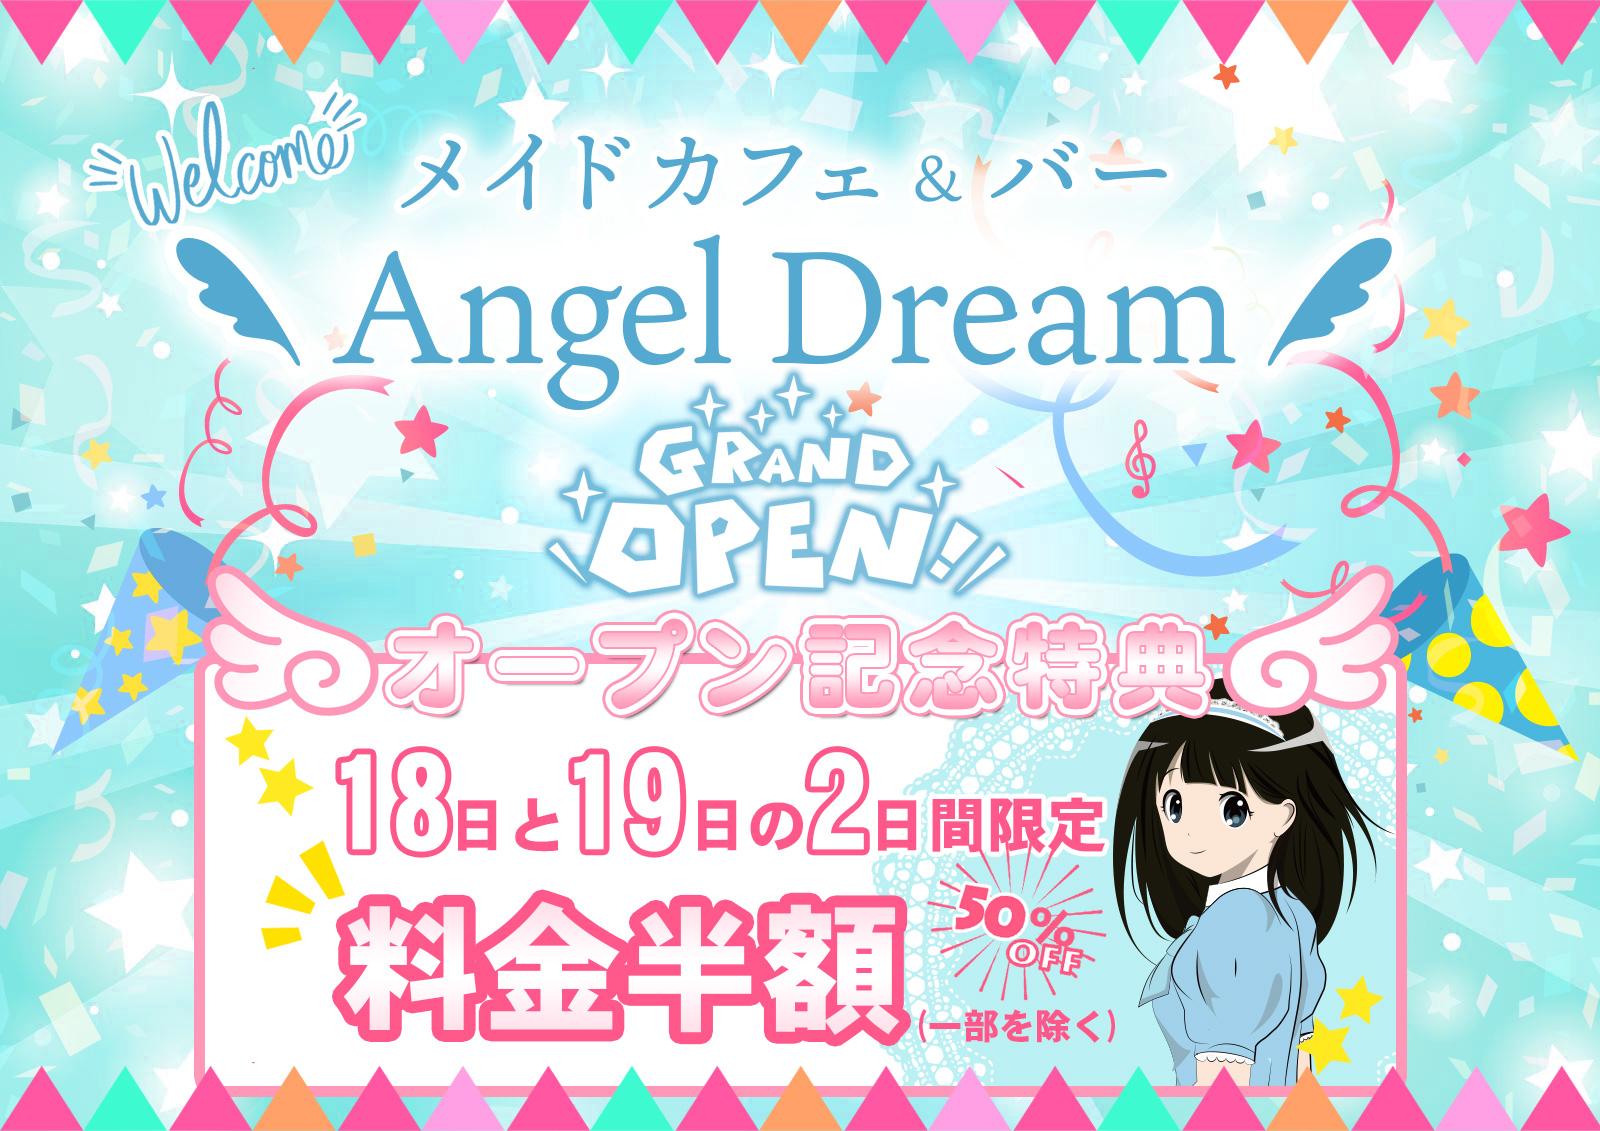 Angel Dreamオープン記念特典!!1/18・19の2日間限定で料金半額(一部を除く)!!